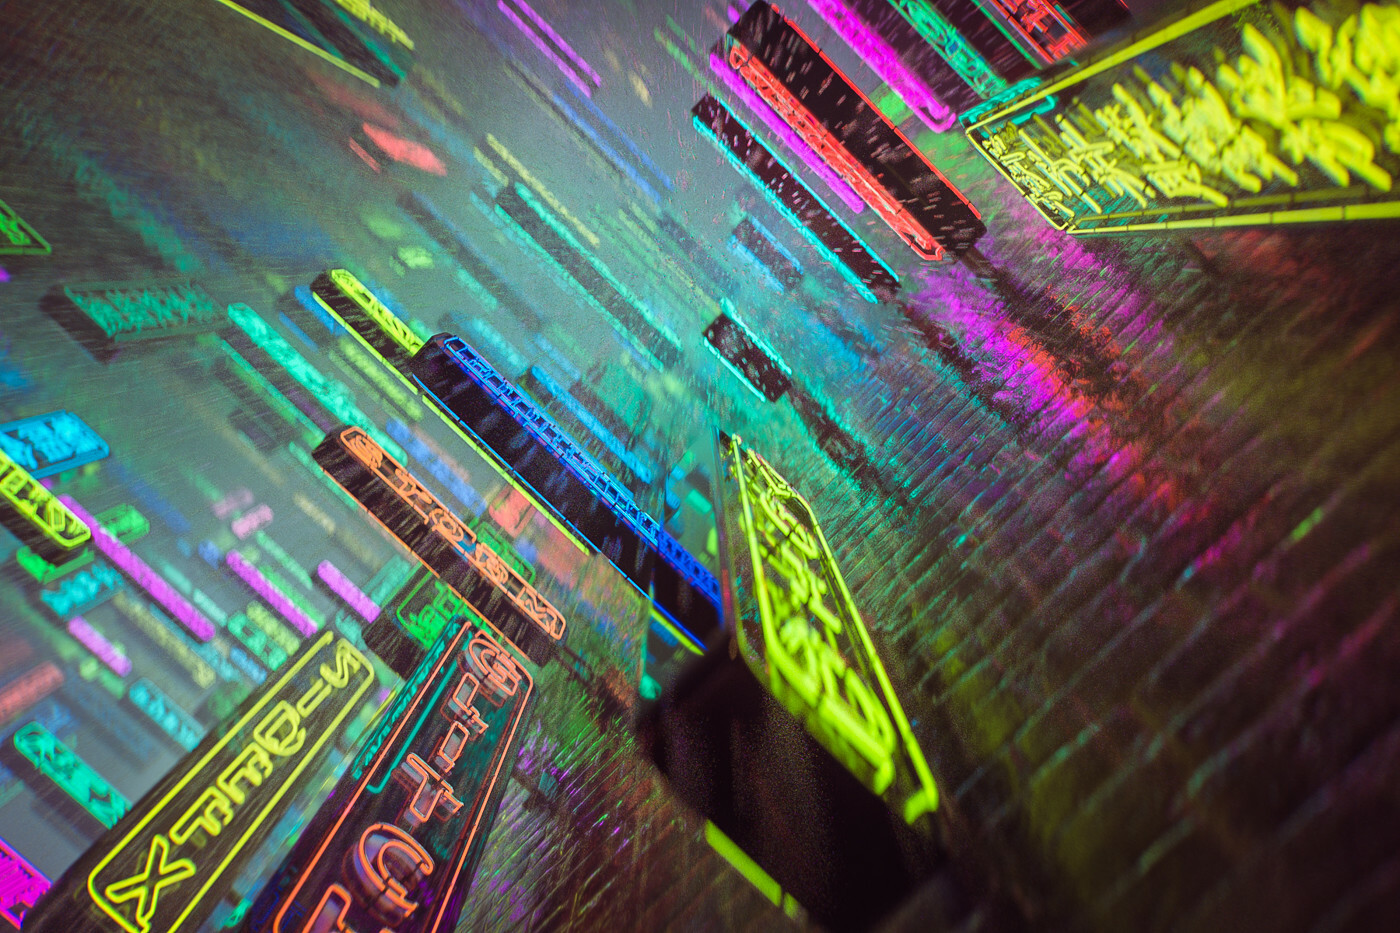 Shawn wang shawn wang flame dude city neons 03 0 00 00 00 2